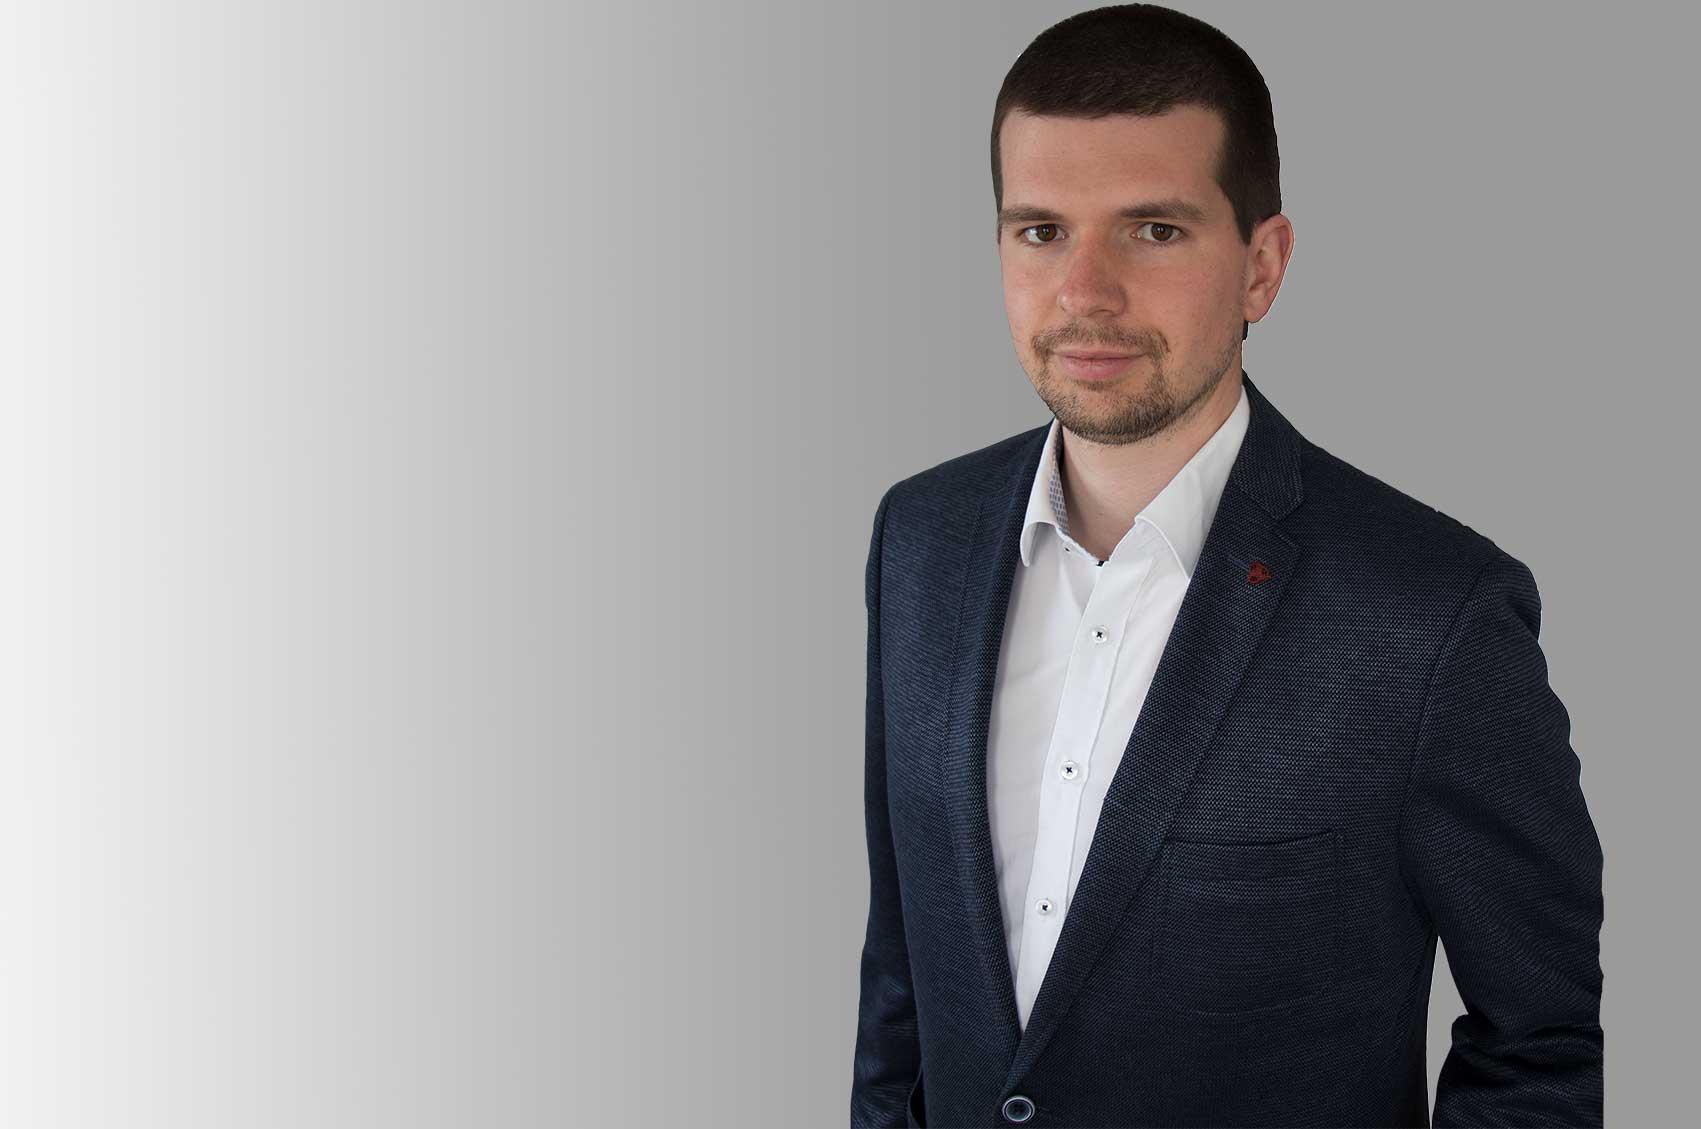 Jens Eisenbach